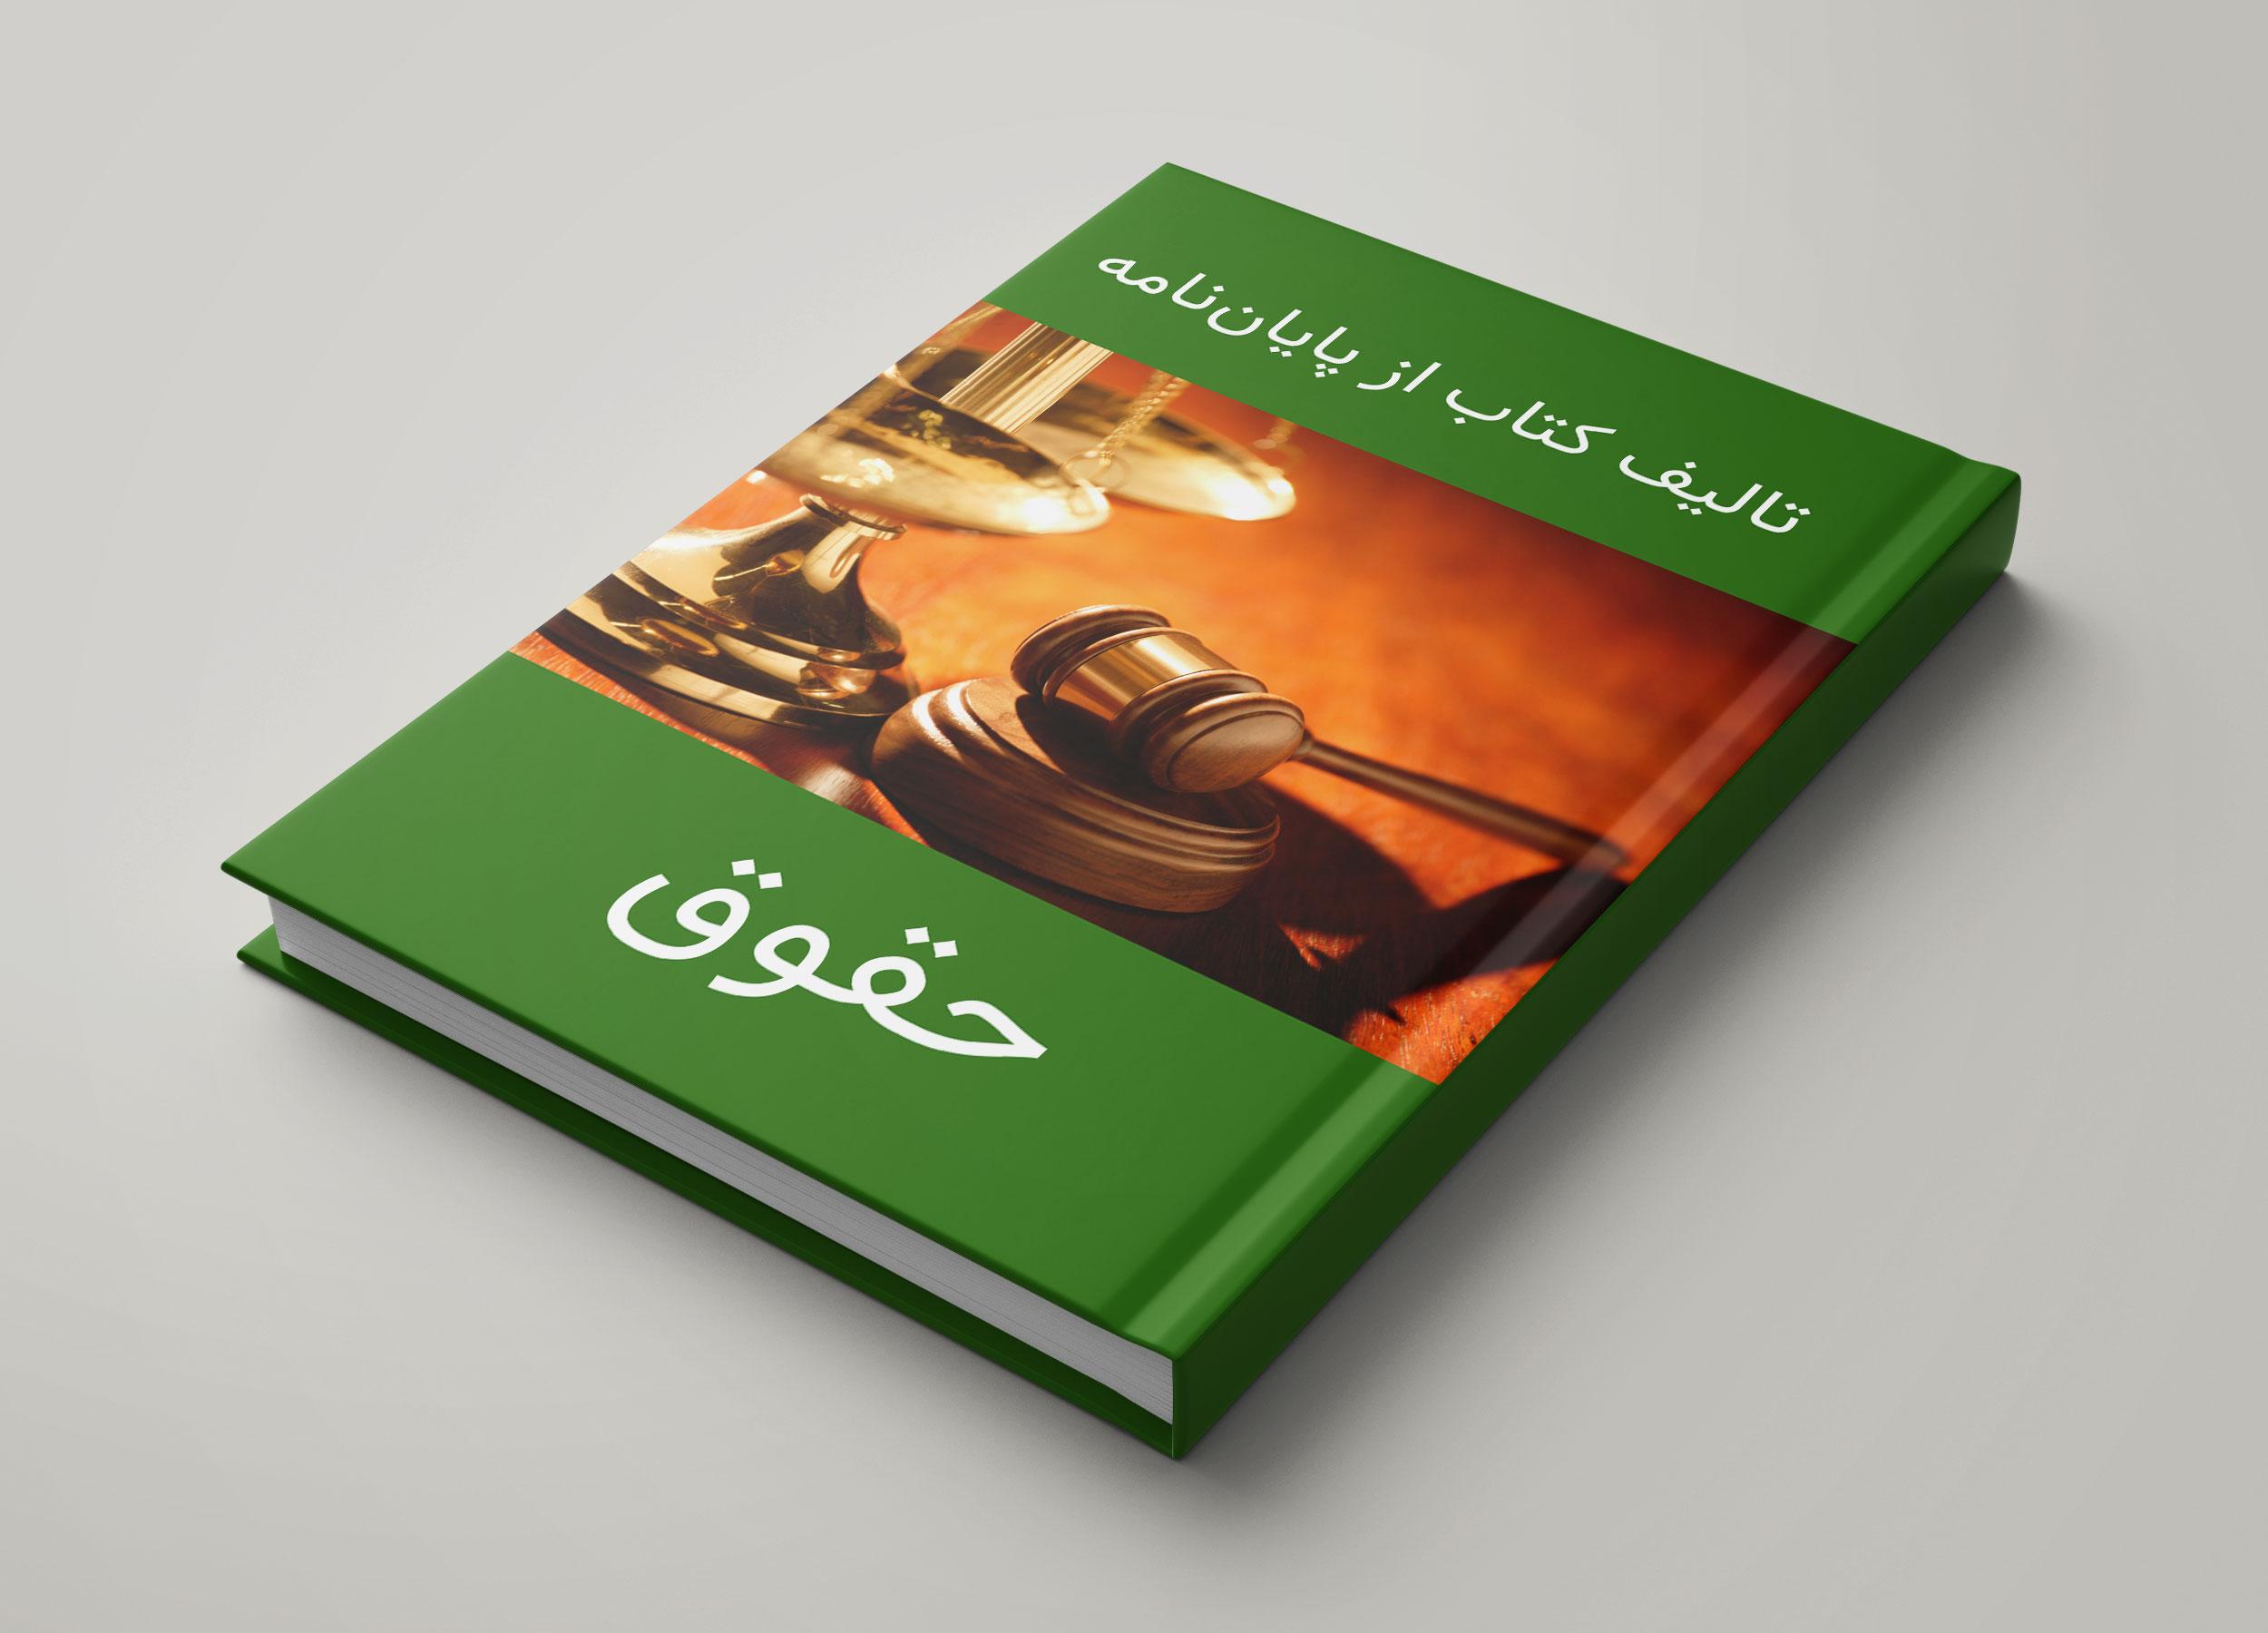 تبدیل پایان نامه حقوق به کتاب